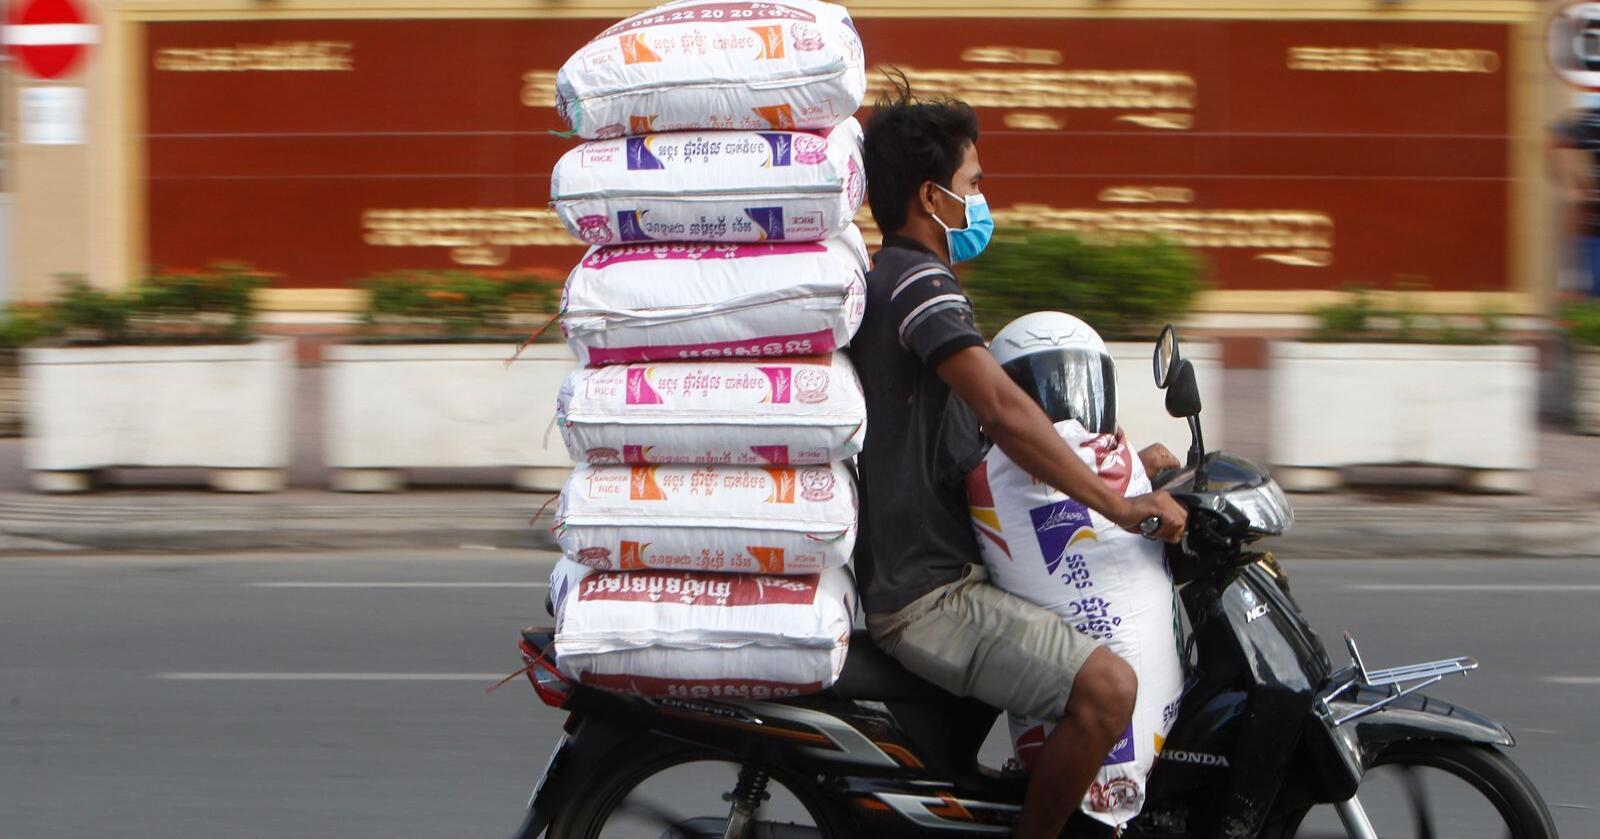 Det svarer seg for klimaet å bytte fra ris til poteter, viser en studie publisert i Nature Food. Illustrasjonsfoto: Heng Sinith / AP / NTB